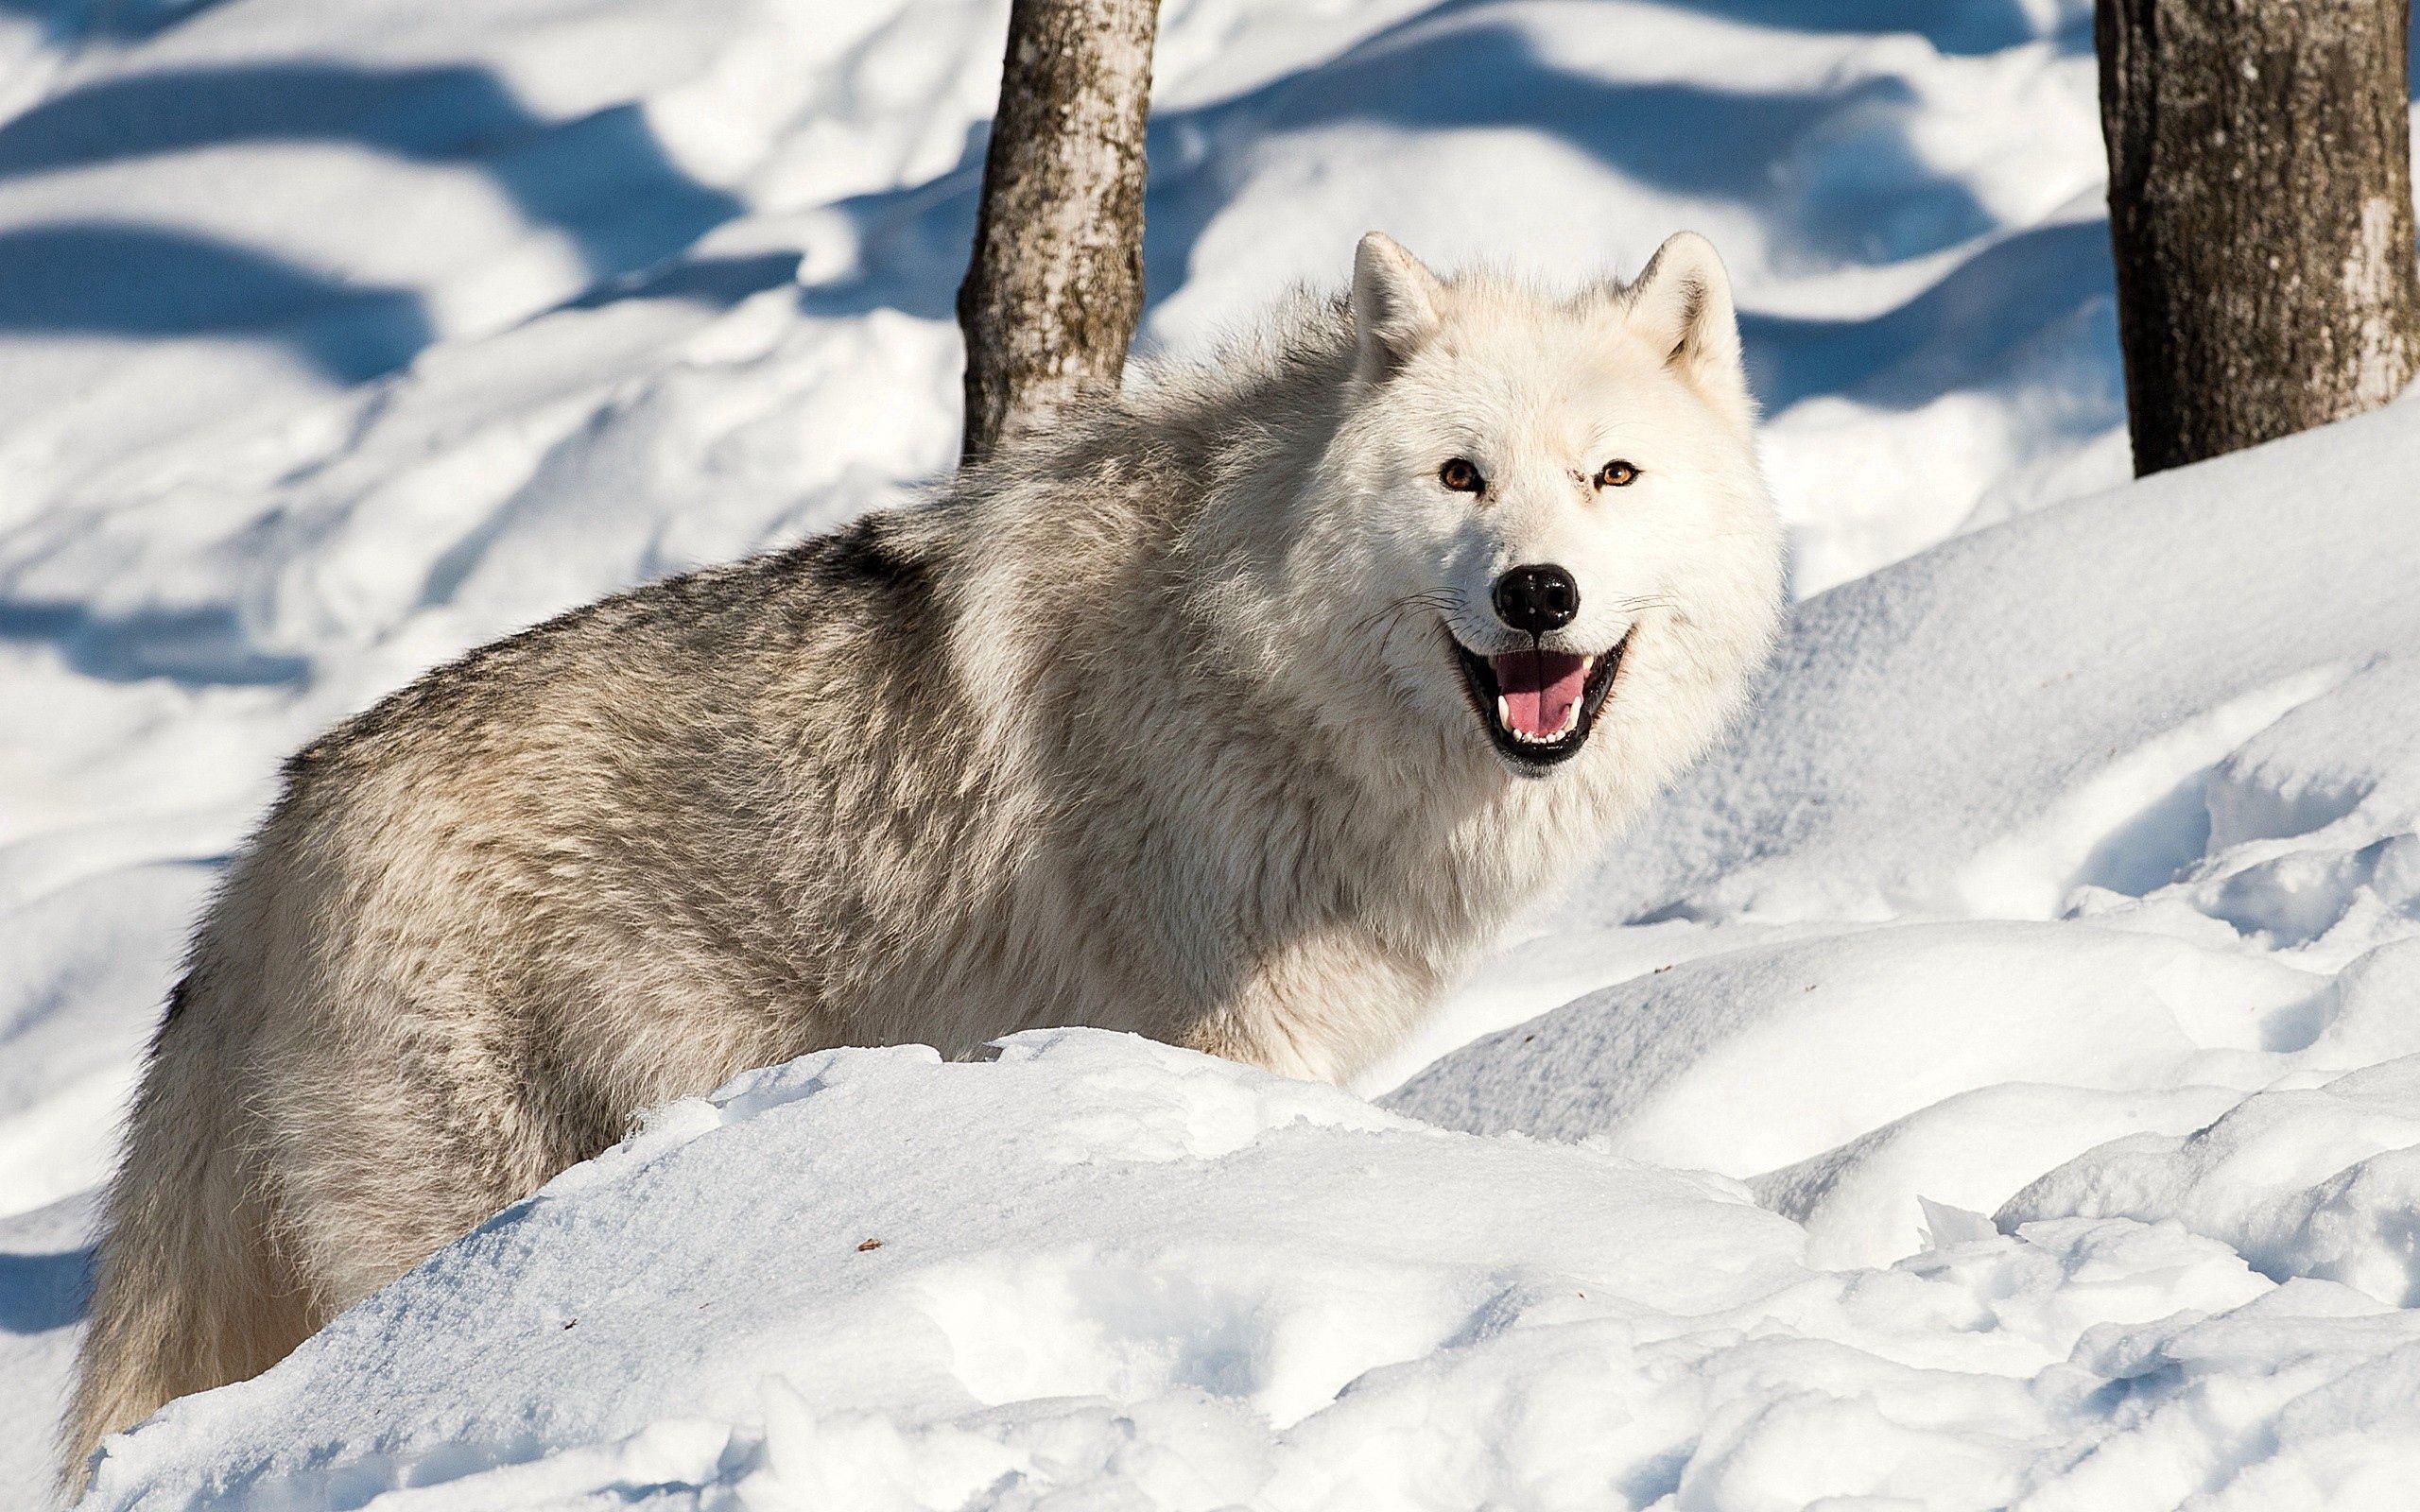 133043 Hintergrundbild 128x160 kostenlos auf deinem Handy, lade Bilder Tiere, Winterreifen, Schnee, Hund, Wolf 128x160 auf dein Handy herunter